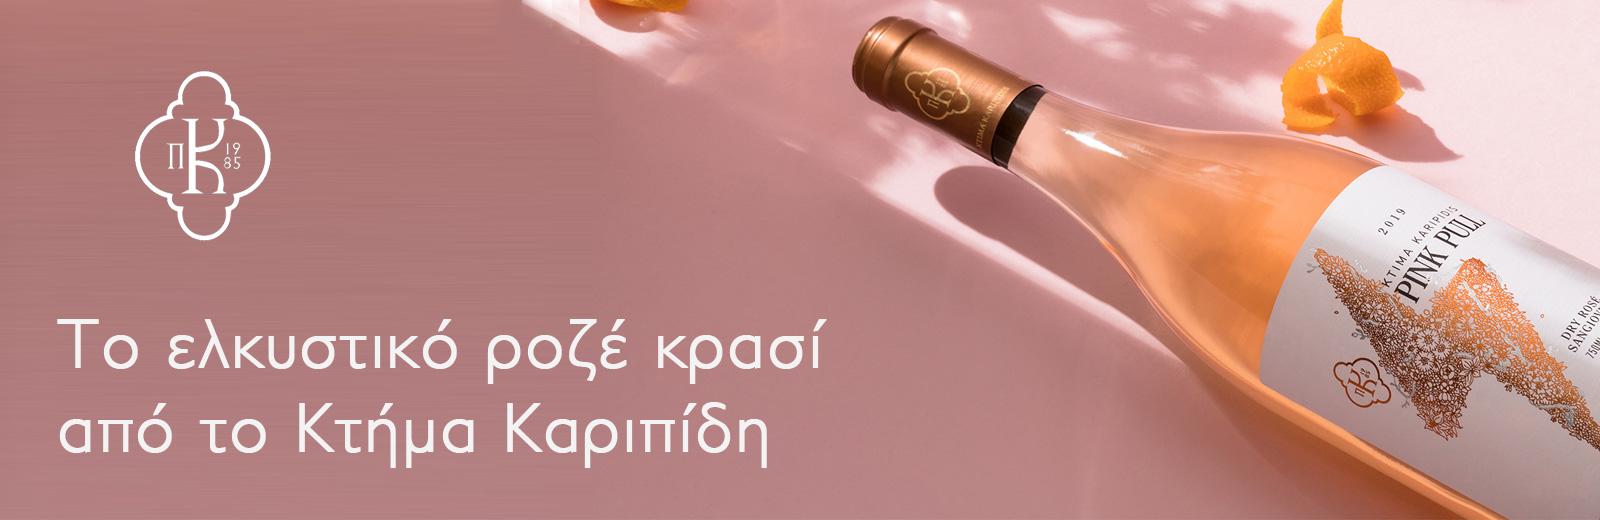 Κτήμα Καριπίδη Pink Pull Ροζέ